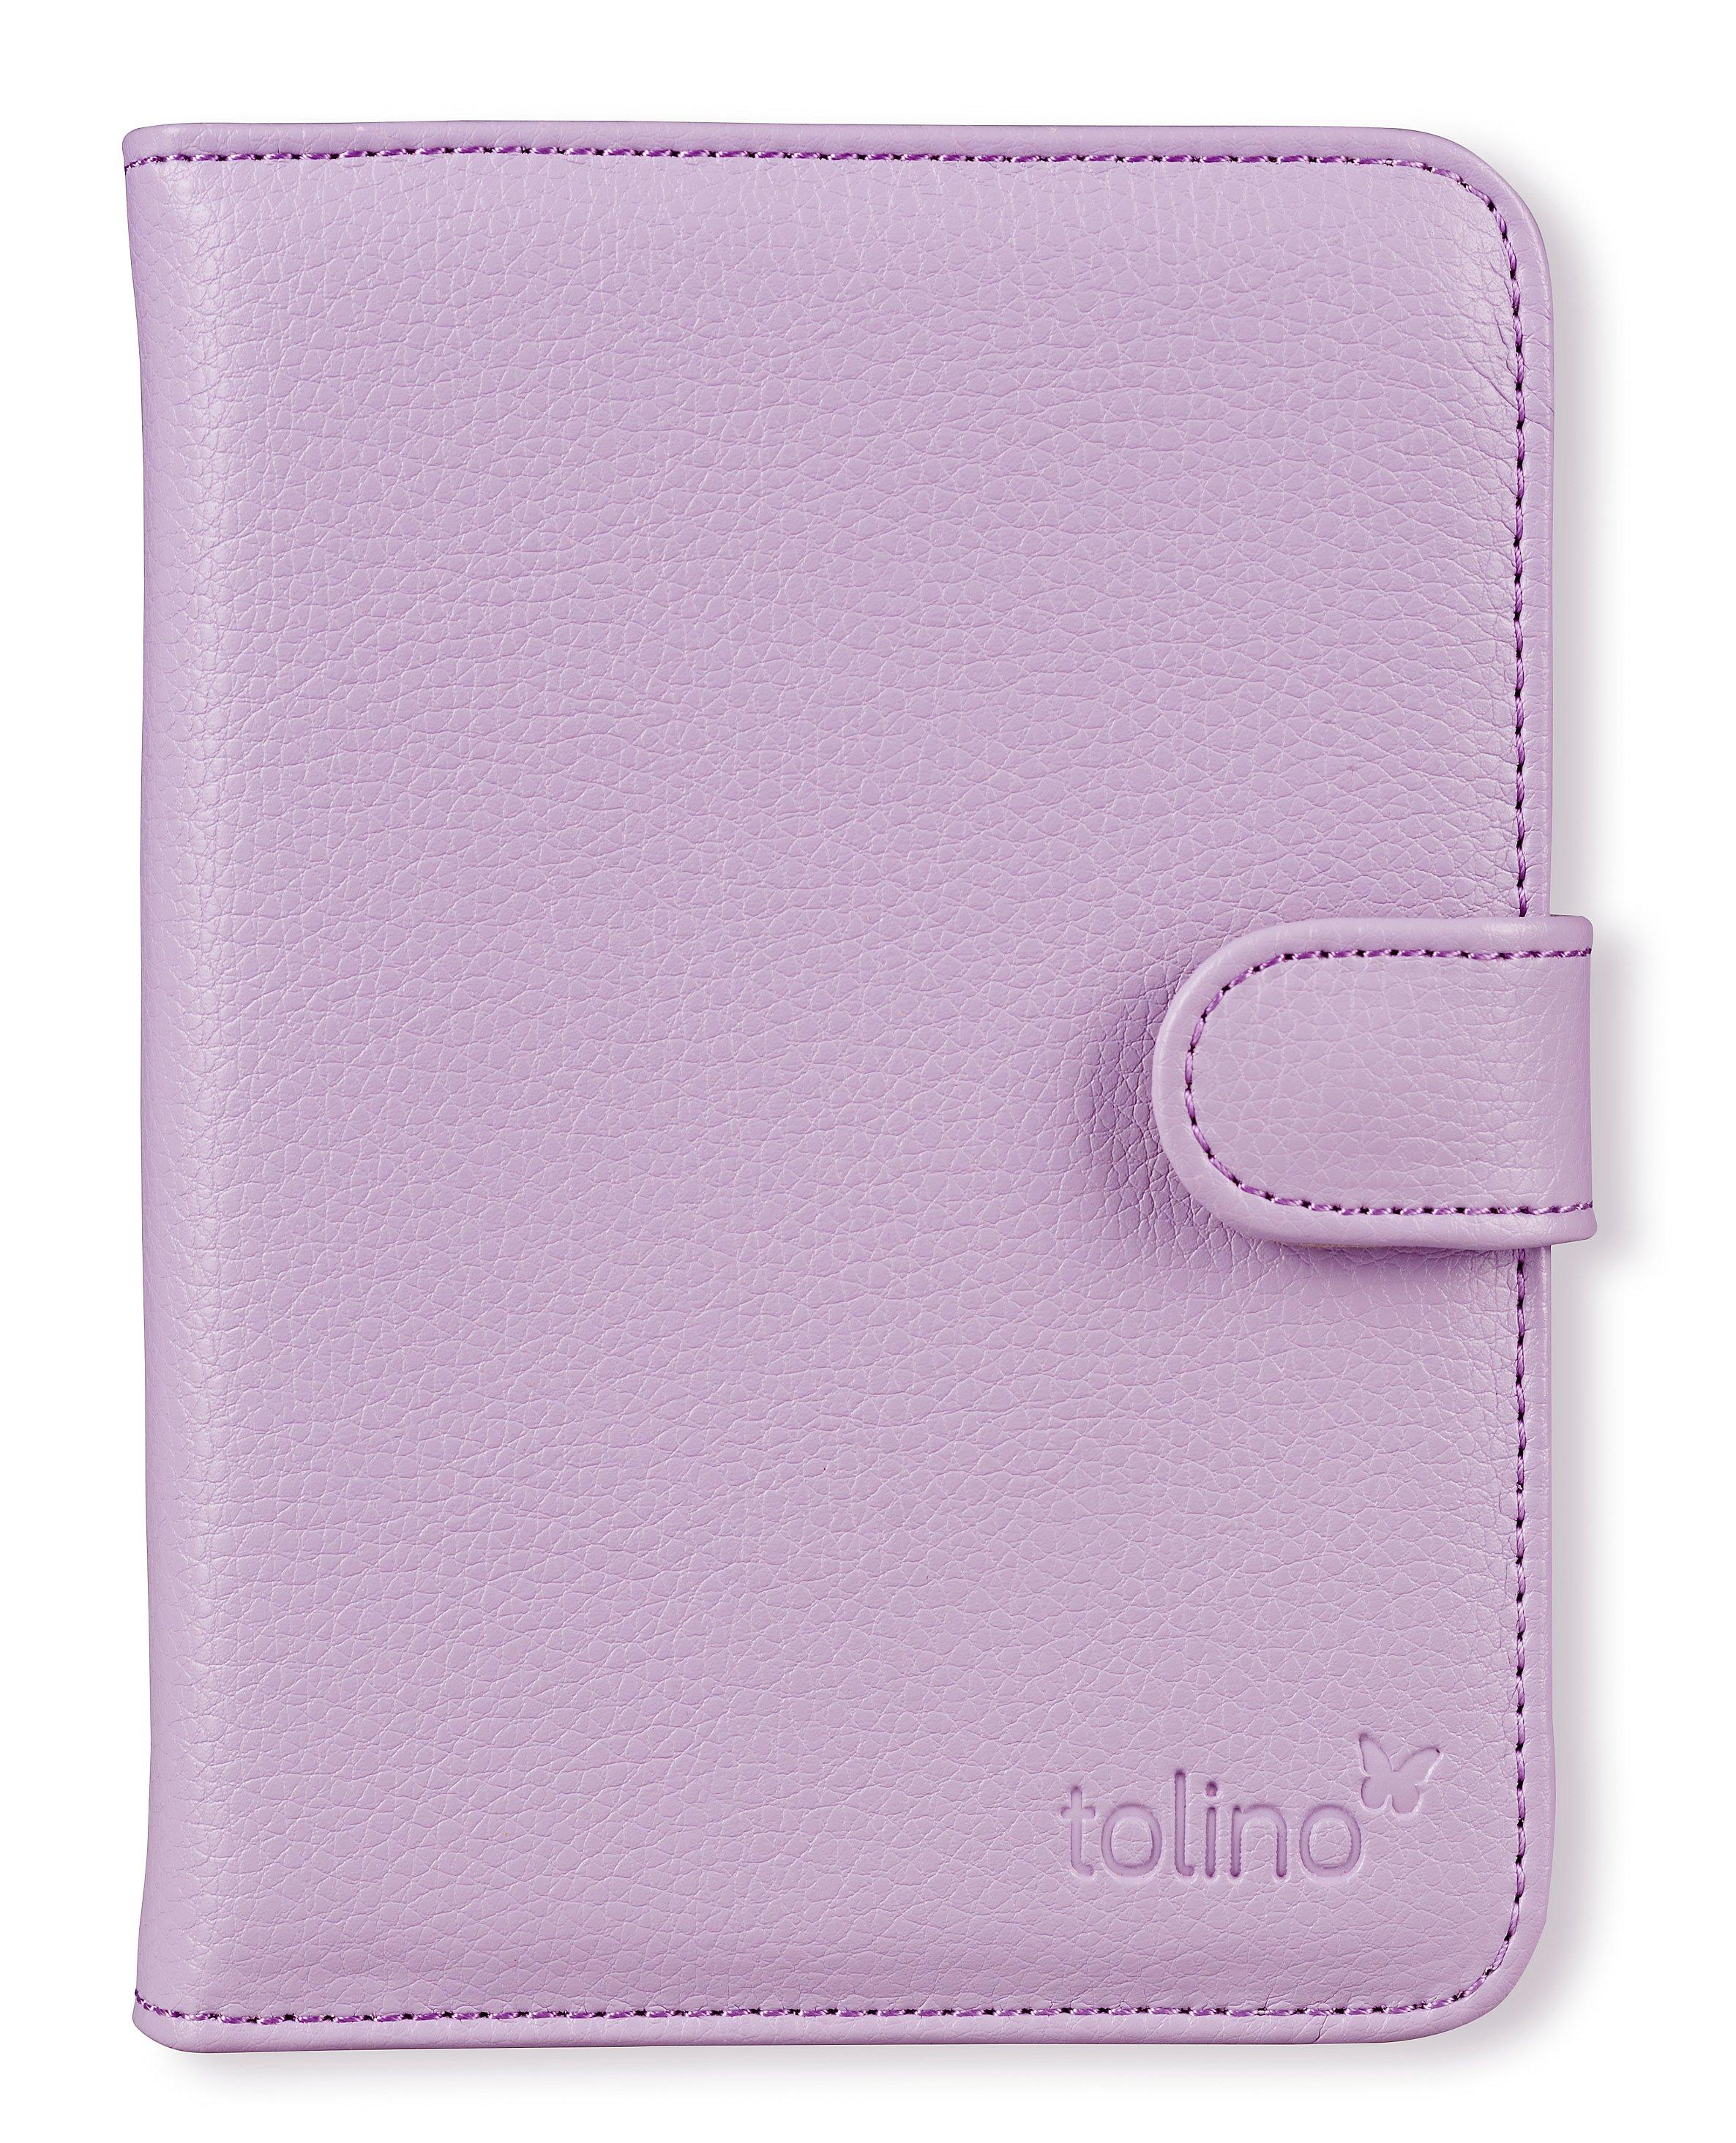 Tolino Vision 2 Schutztasche In Lederoptik Farbe Flieder Weltbild Ch